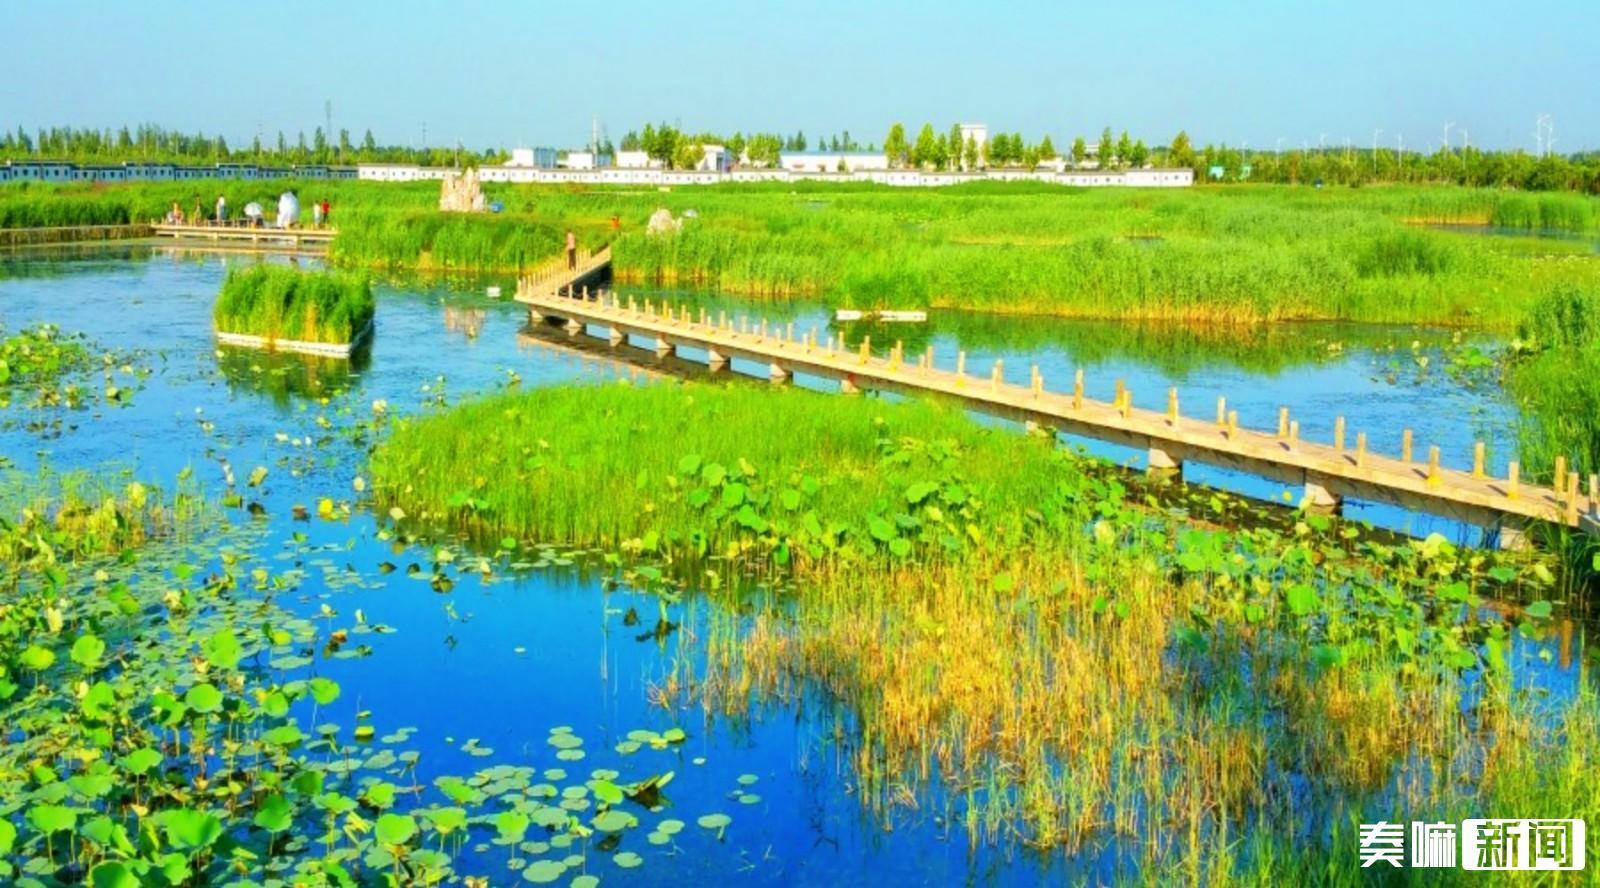 夏津国家级湿地公园九龙口湿地公园